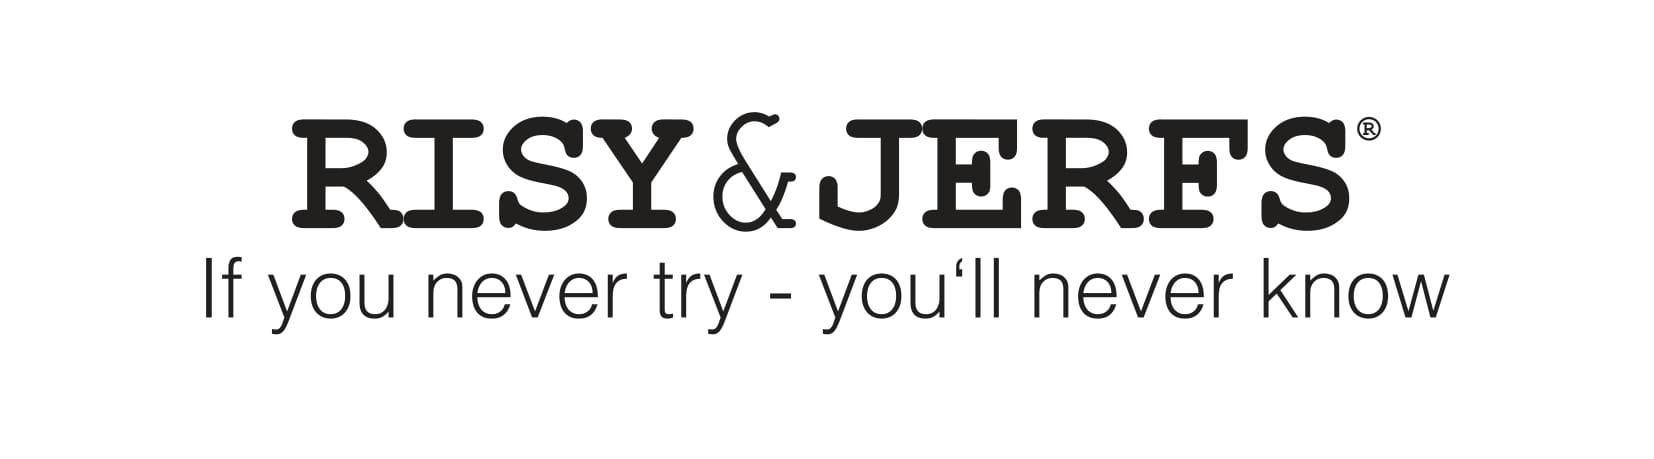 Risy & Jerfs